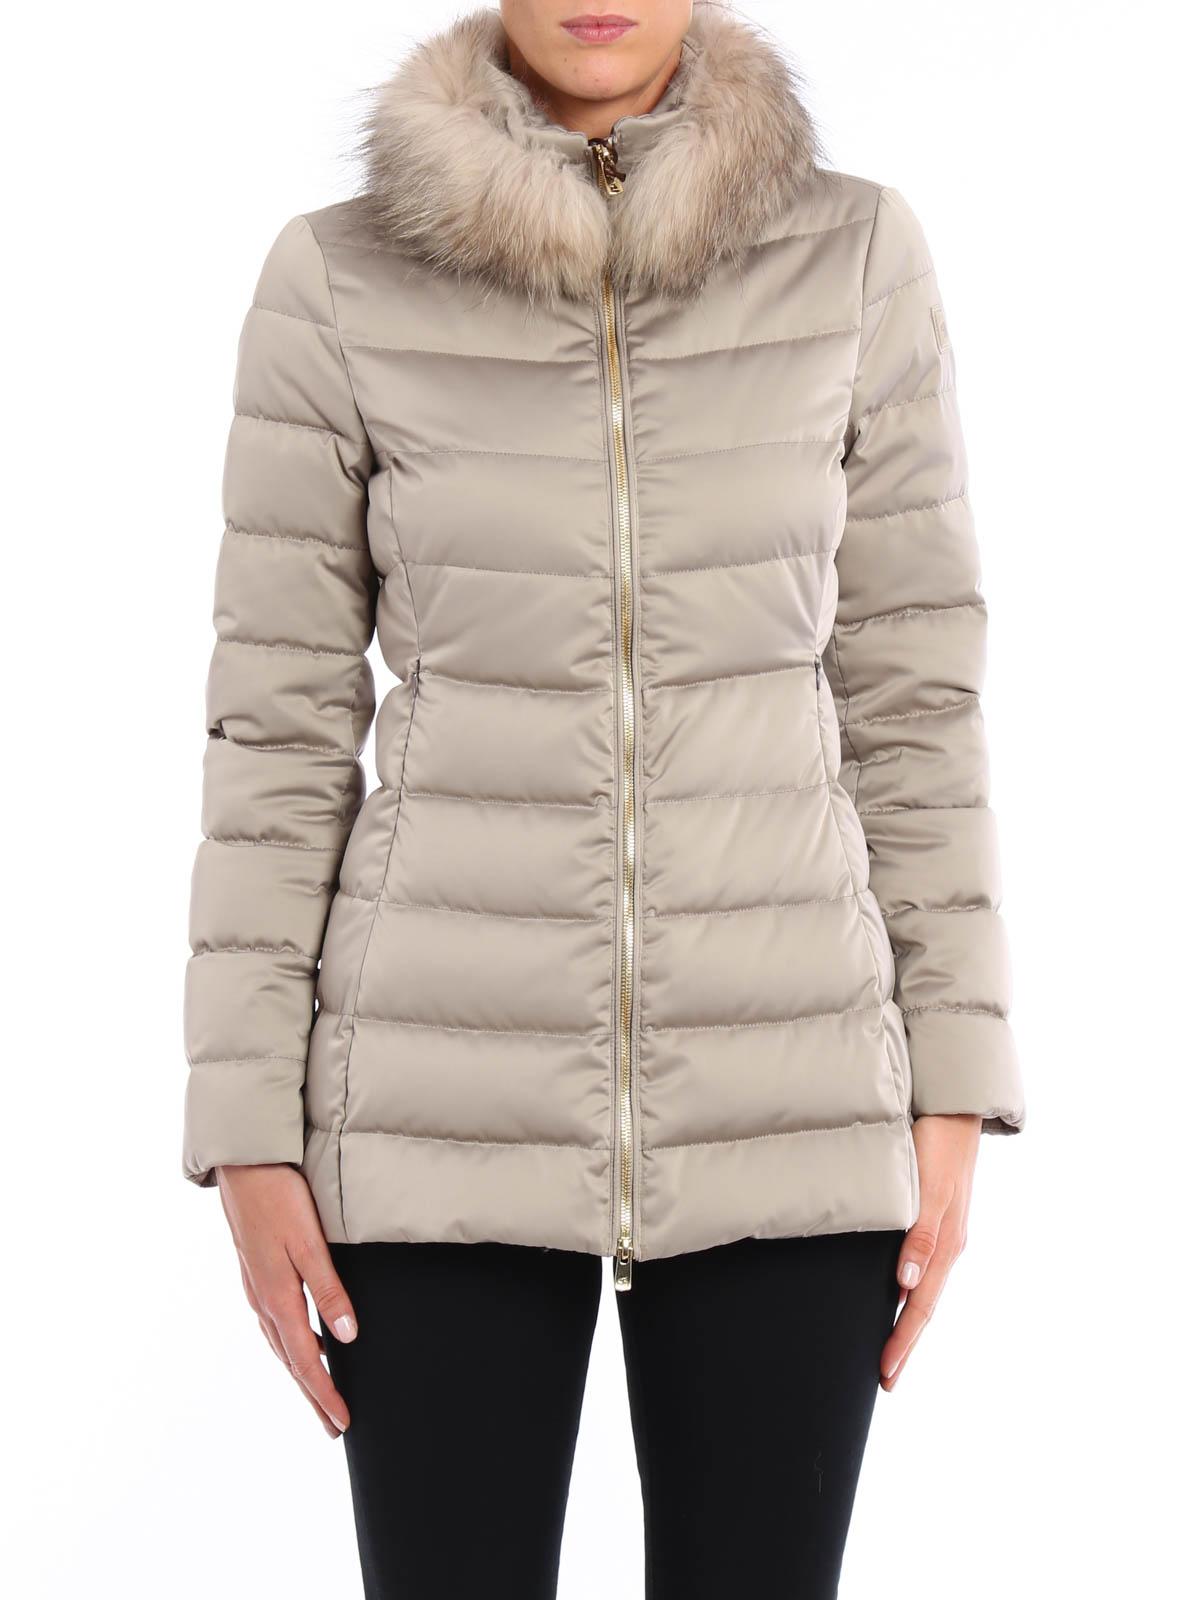 new product f98b0 3ae3f Montecore - Piumino trapuntato con pelliccia - giacche ...